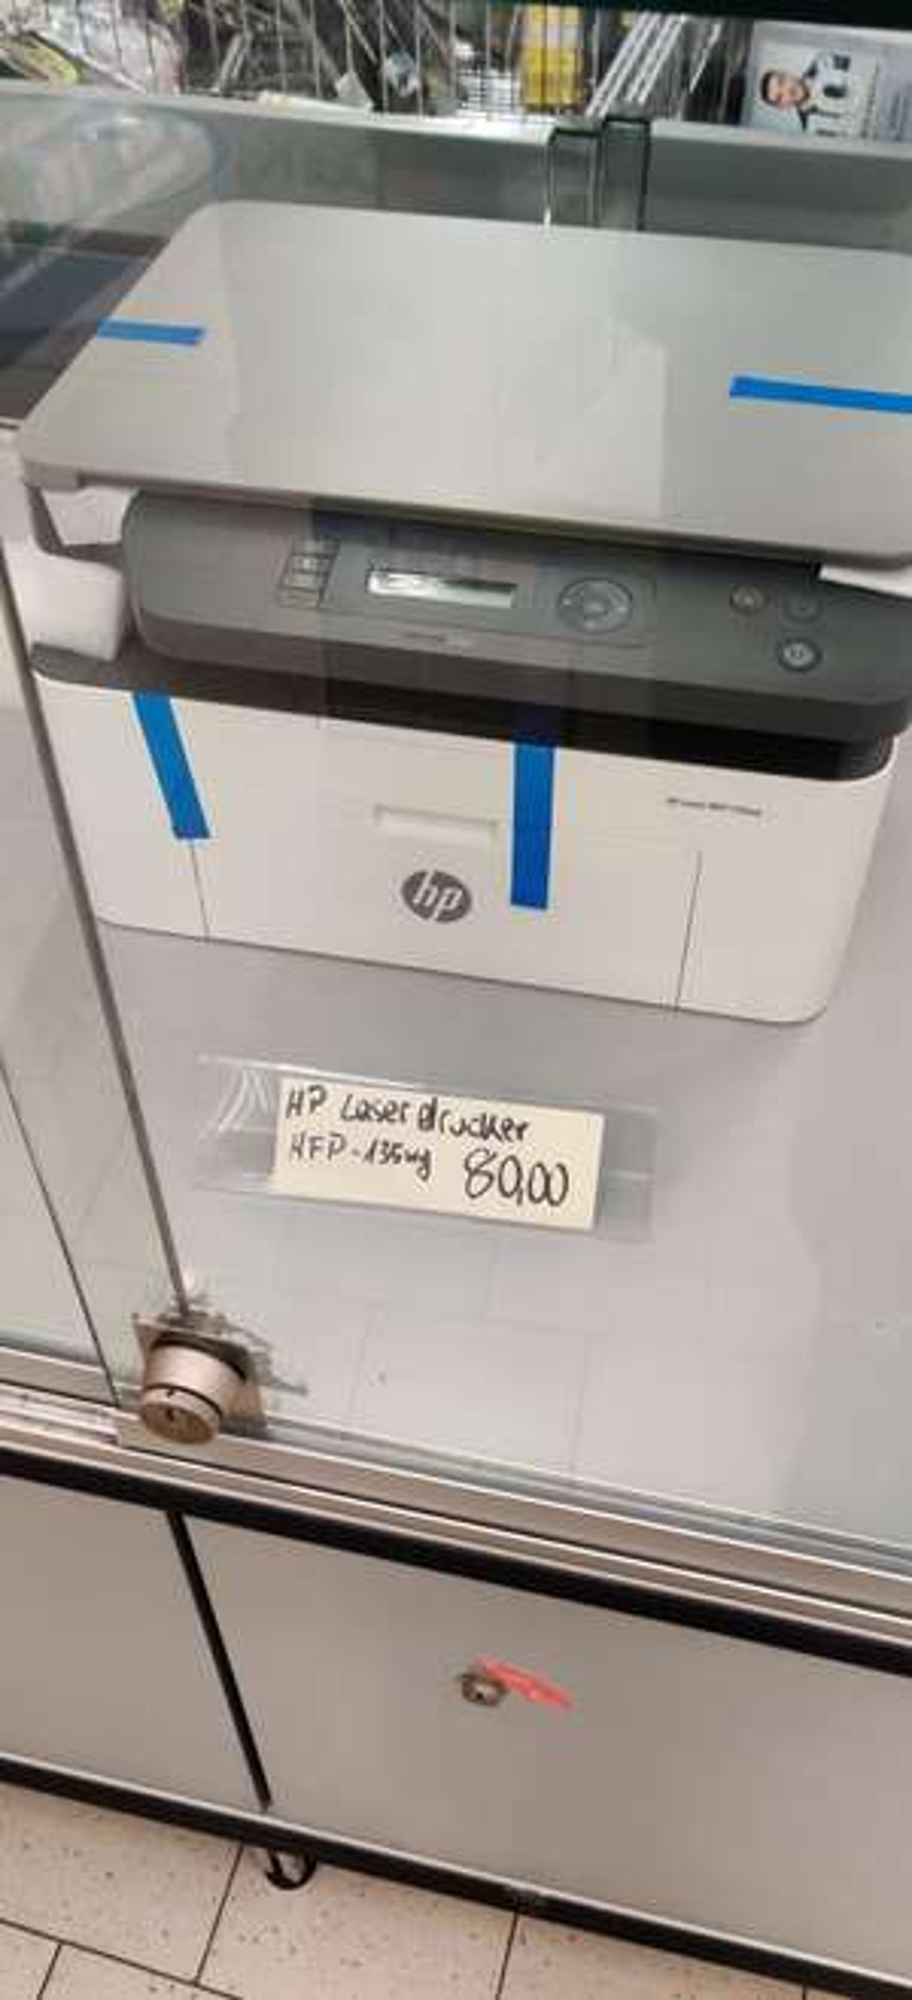 LOKAL Aldi Berlin Wedding - Laserdrucker HP MFP135WG